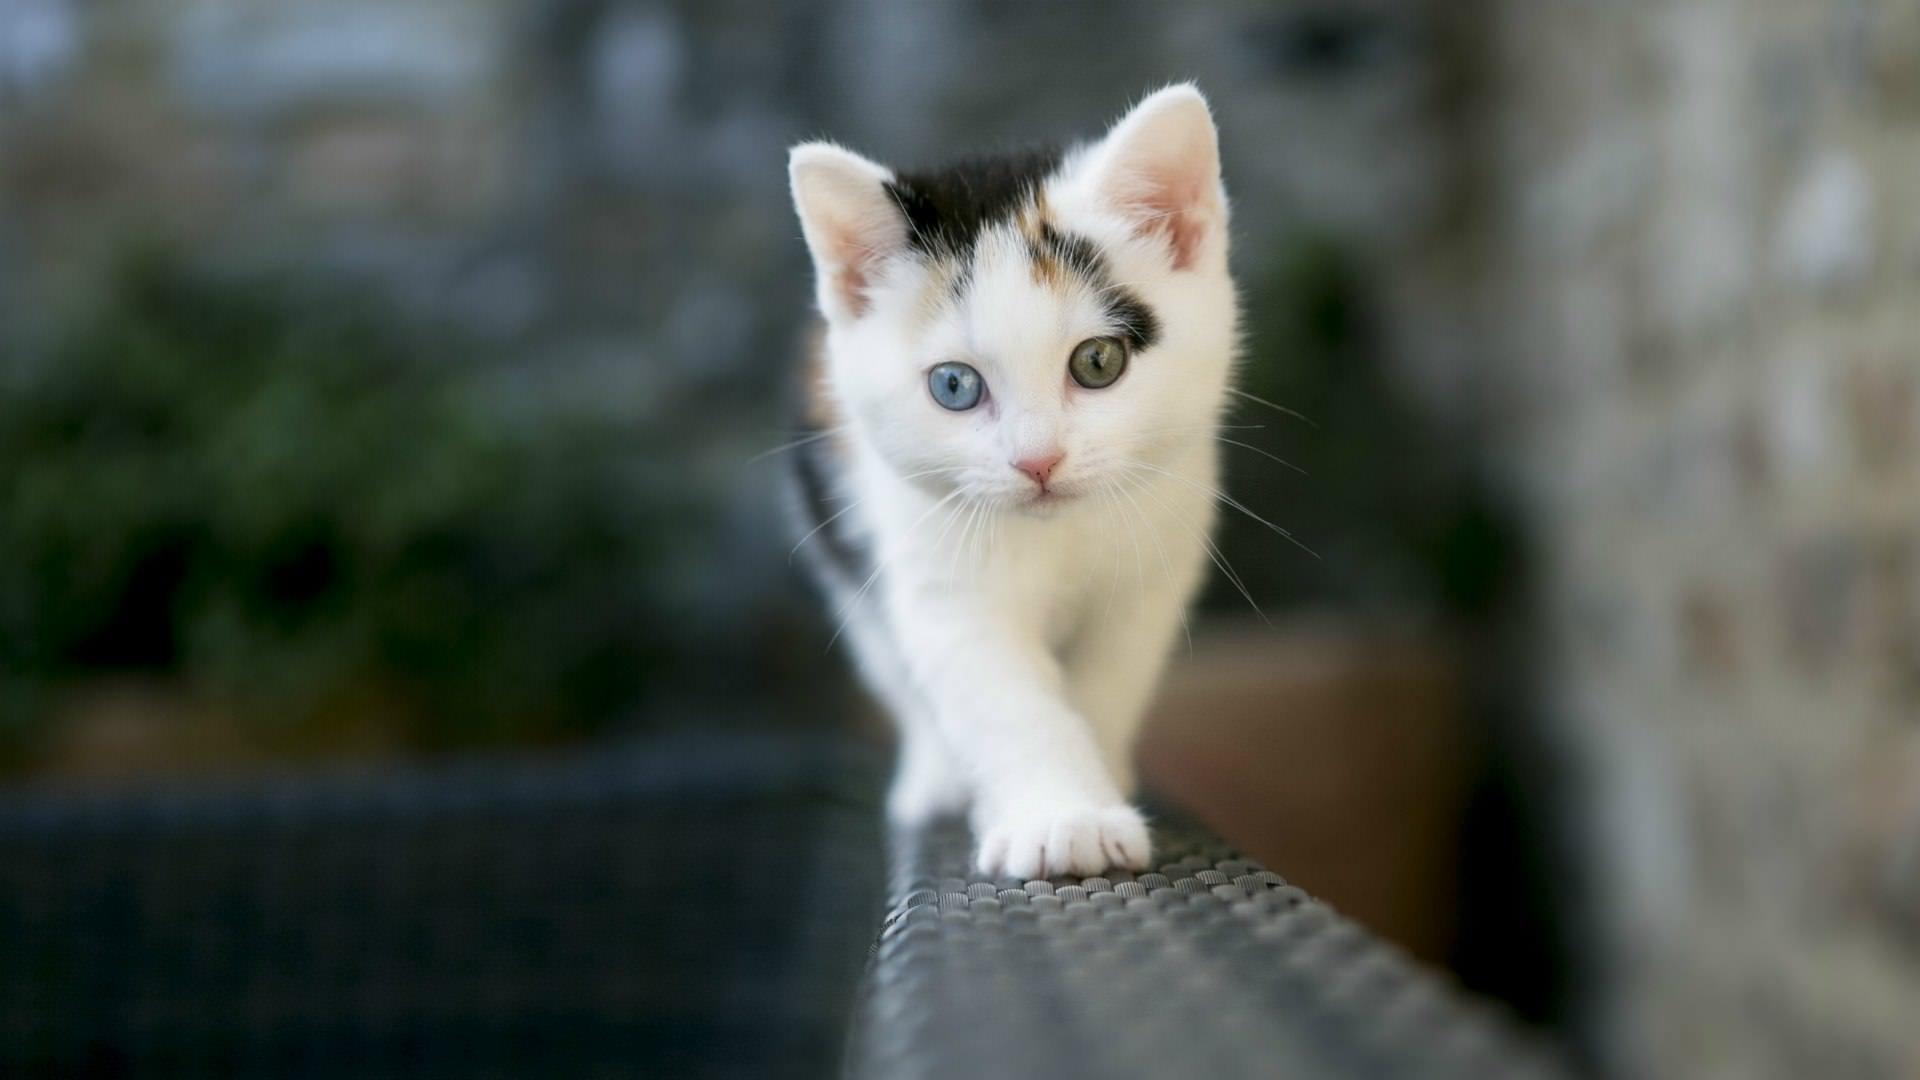 Hình nền chú mèo trên lan can dễ thương